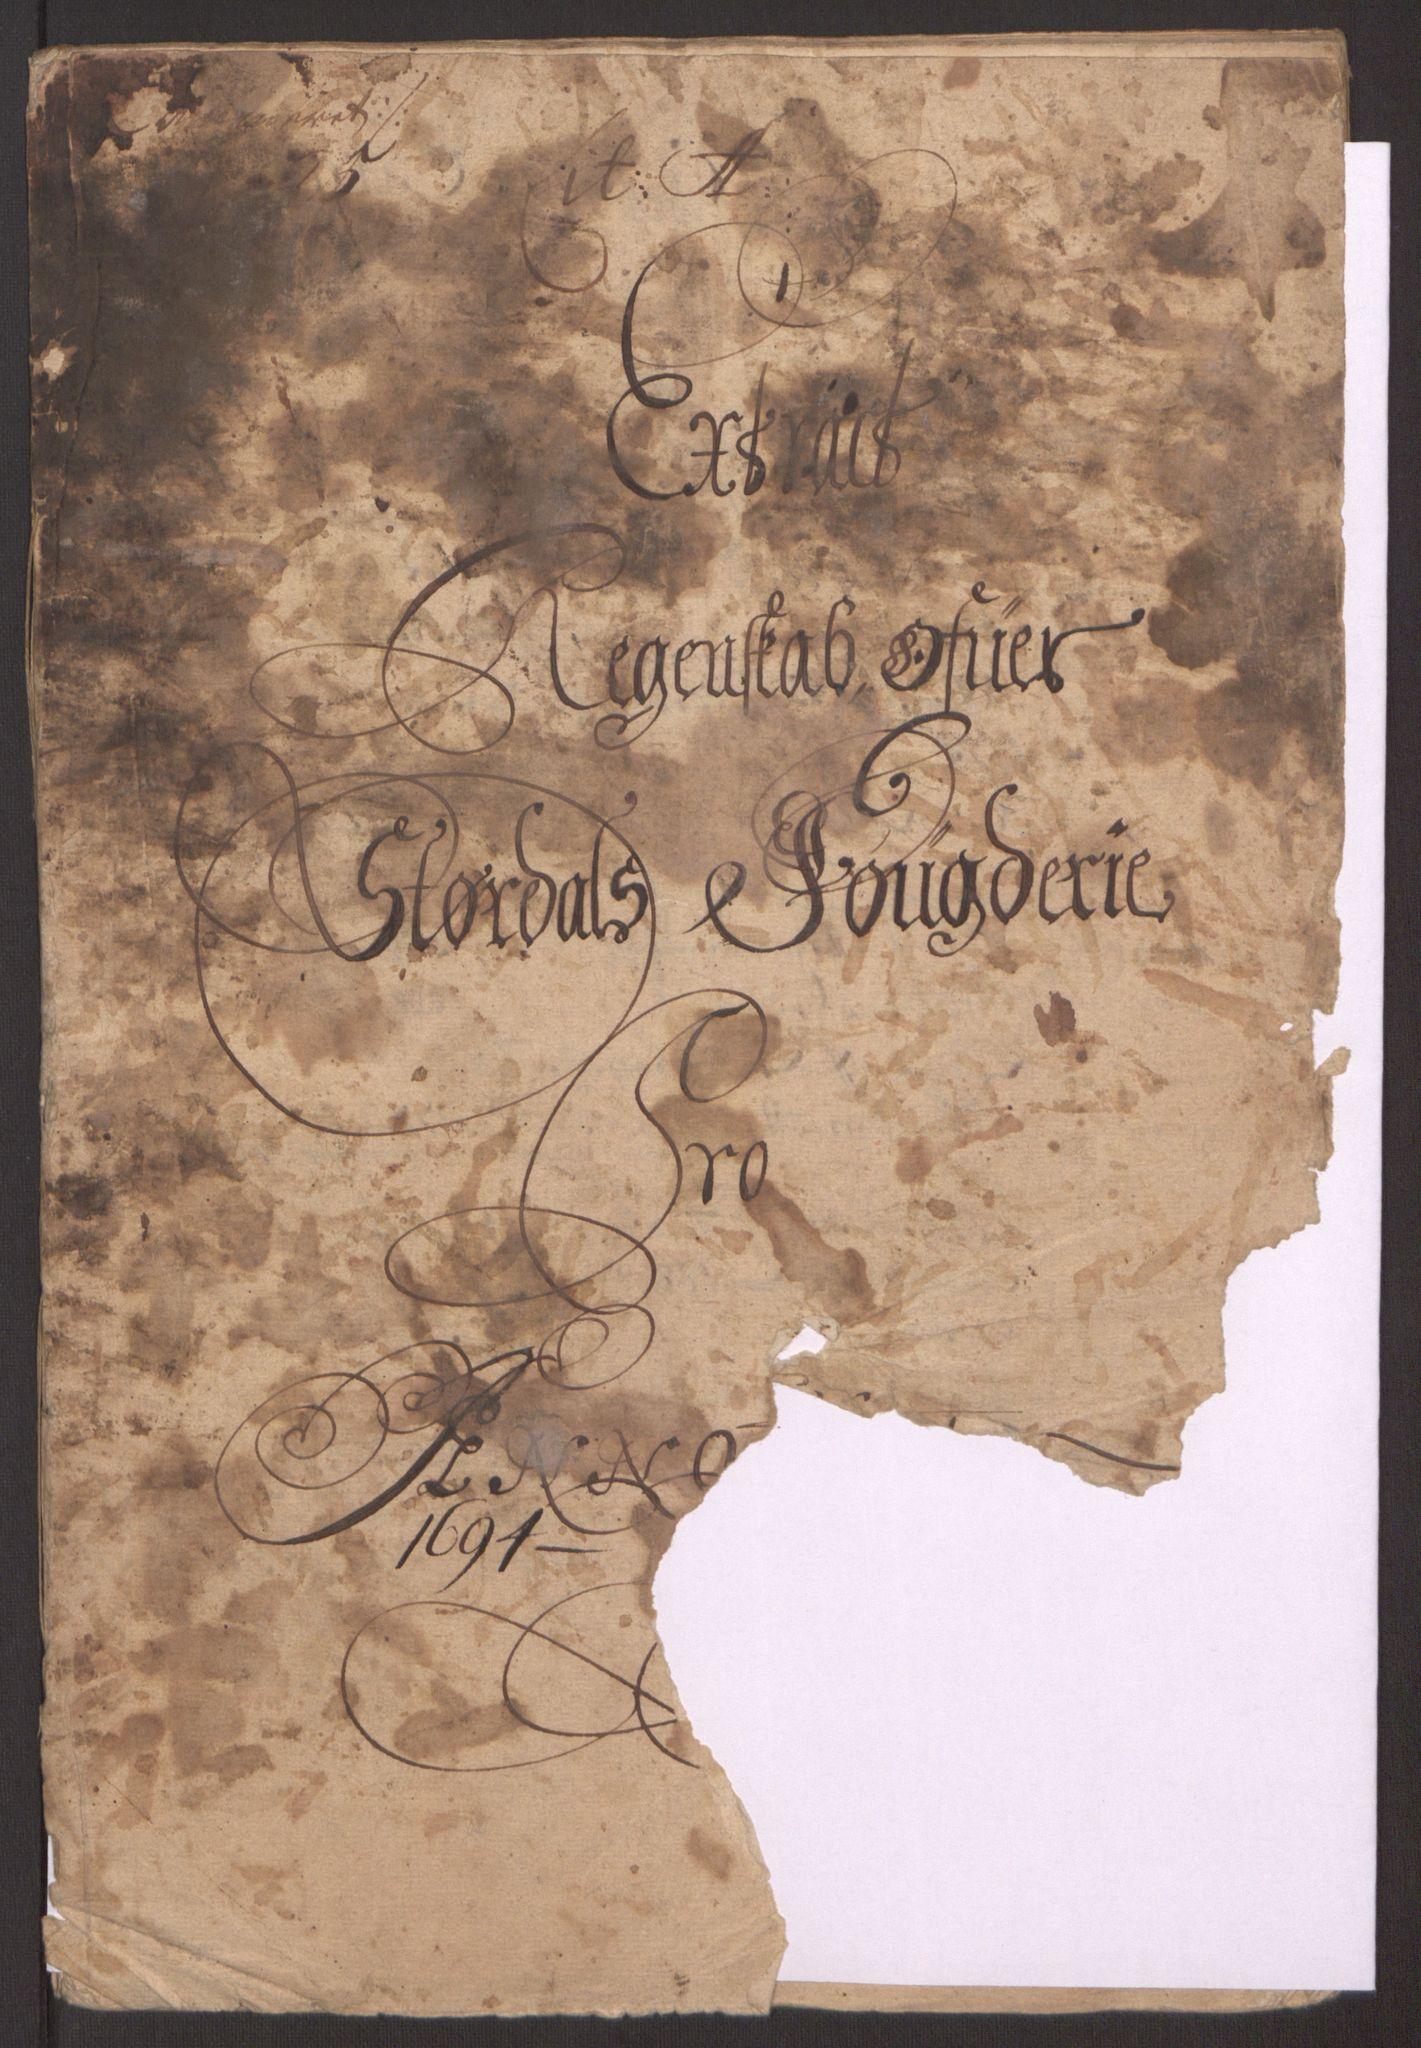 RA, Rentekammeret inntil 1814, Reviderte regnskaper, Fogderegnskap, R62/L4186: Fogderegnskap Stjørdal og Verdal, 1693-1694, s. 141